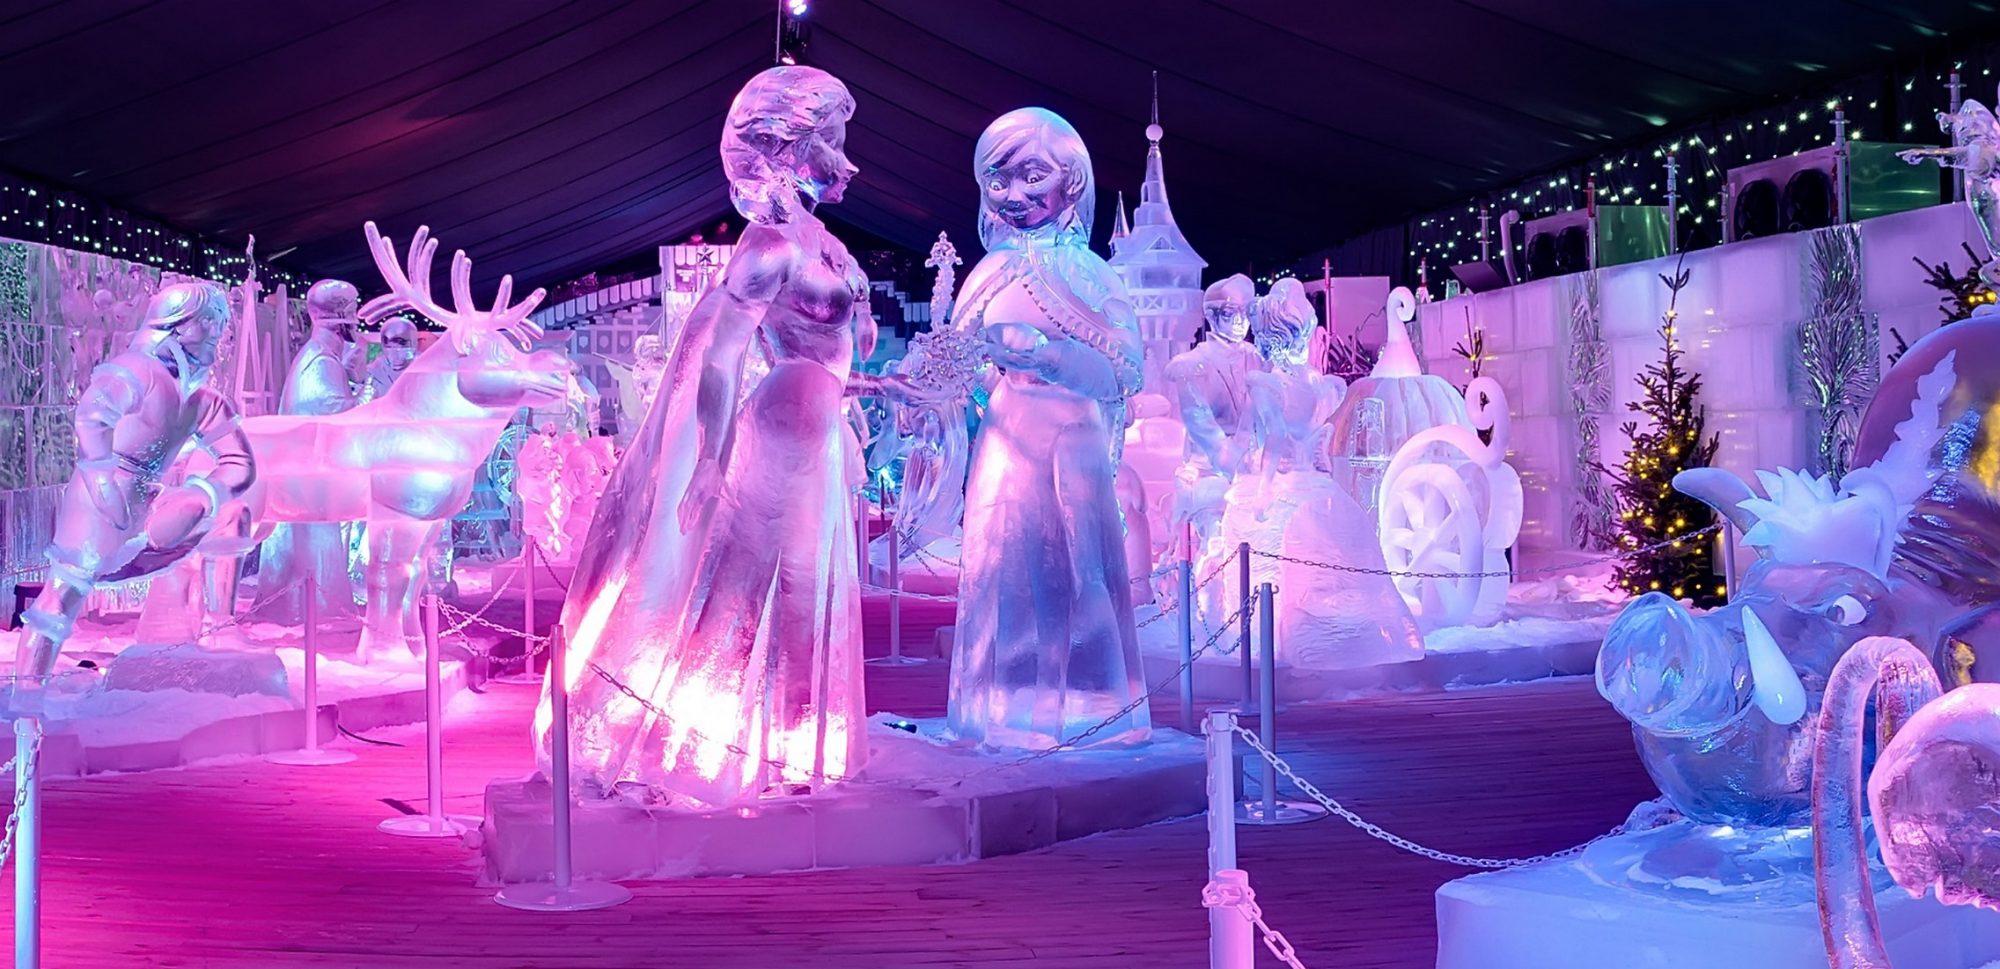 ijssculpturen brugge